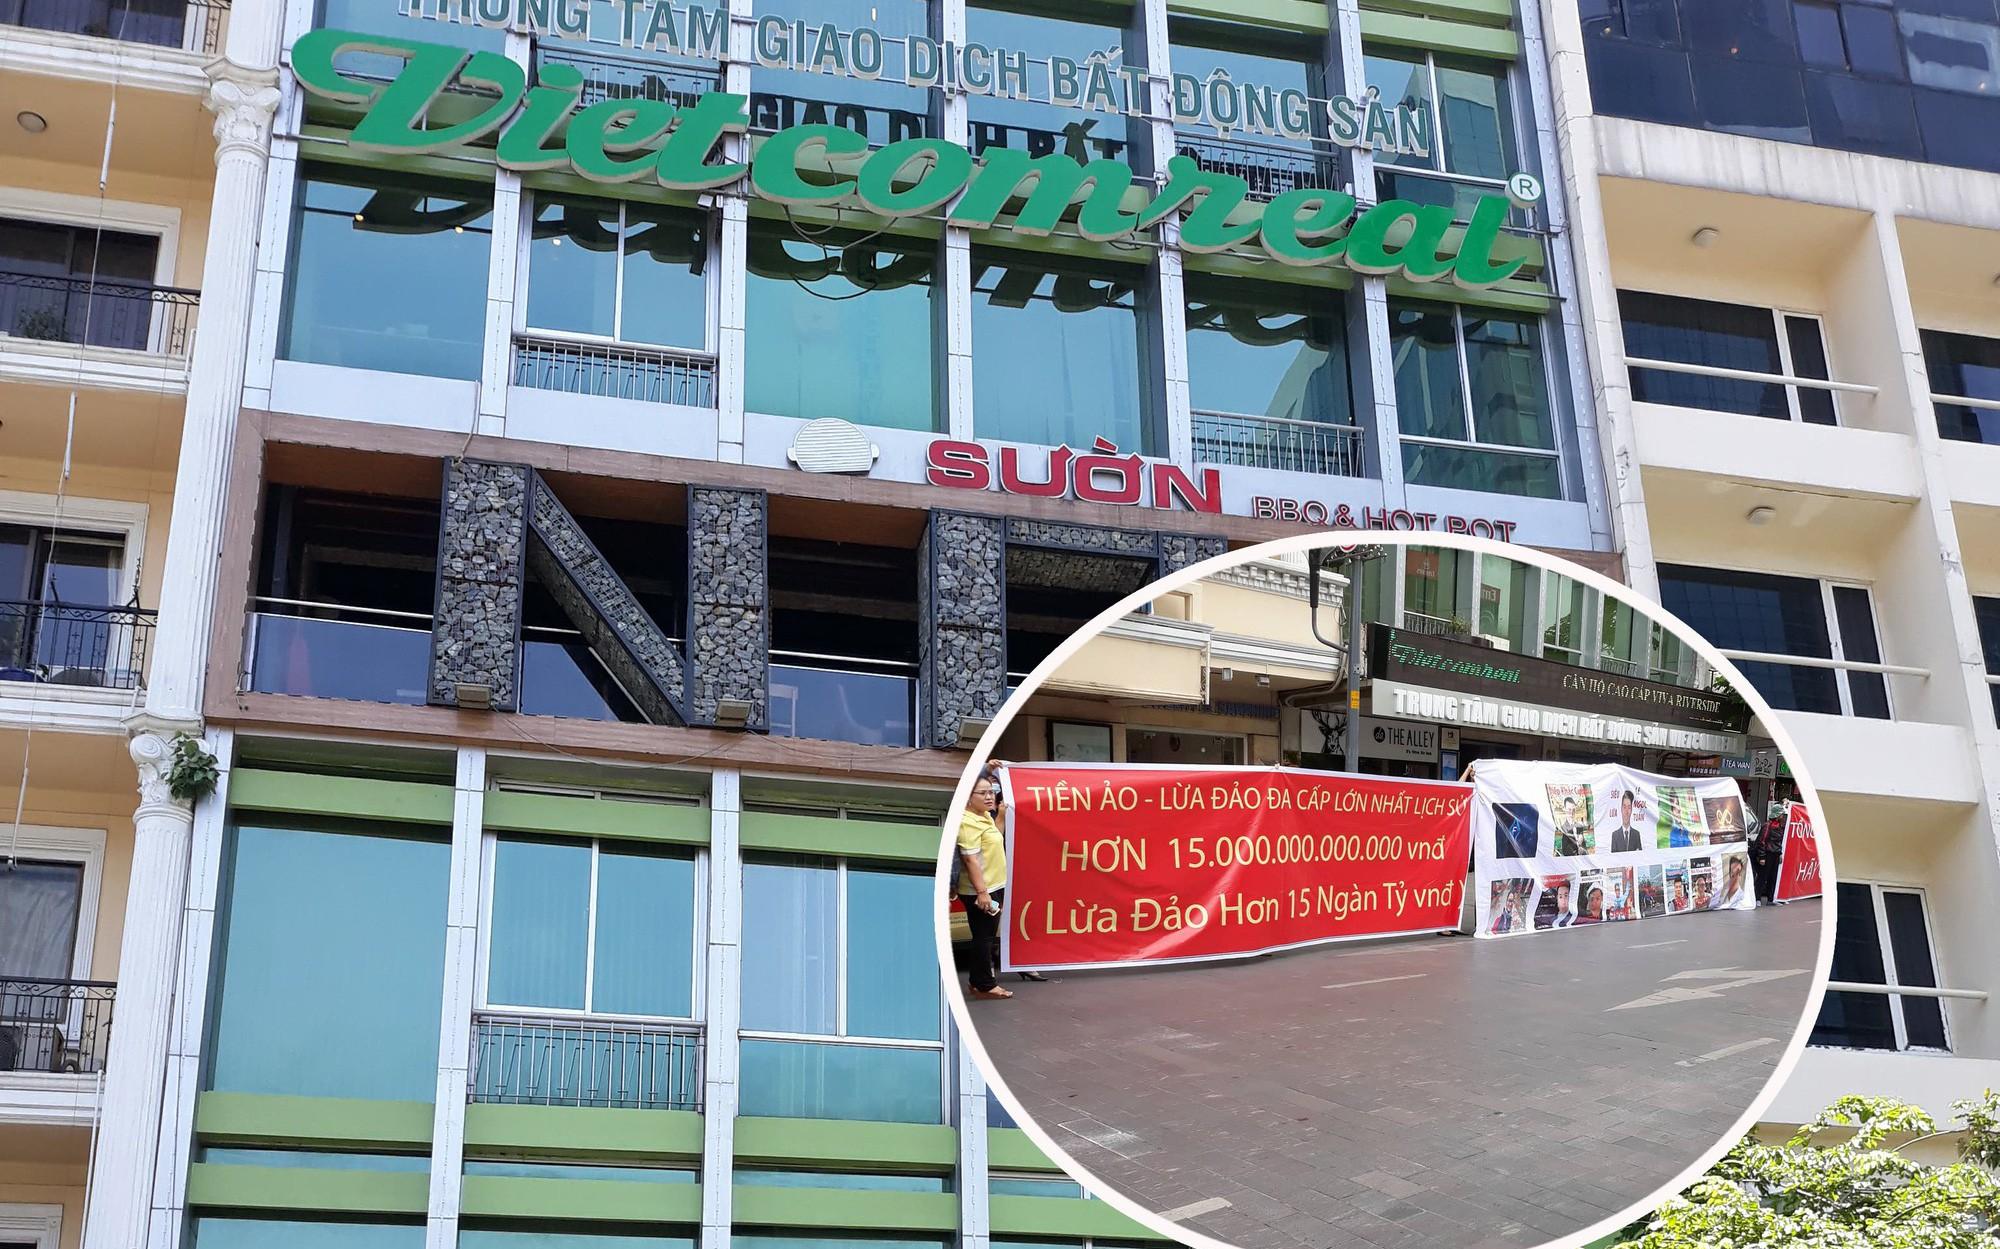 Công ty kinh doanh tiền ảo Modern Tech bị buộc rời trụ sở ở Phố đi bộ Nguyễn Huệ sau khi dính nghi án lừa đảo lớn nhất lịch sử